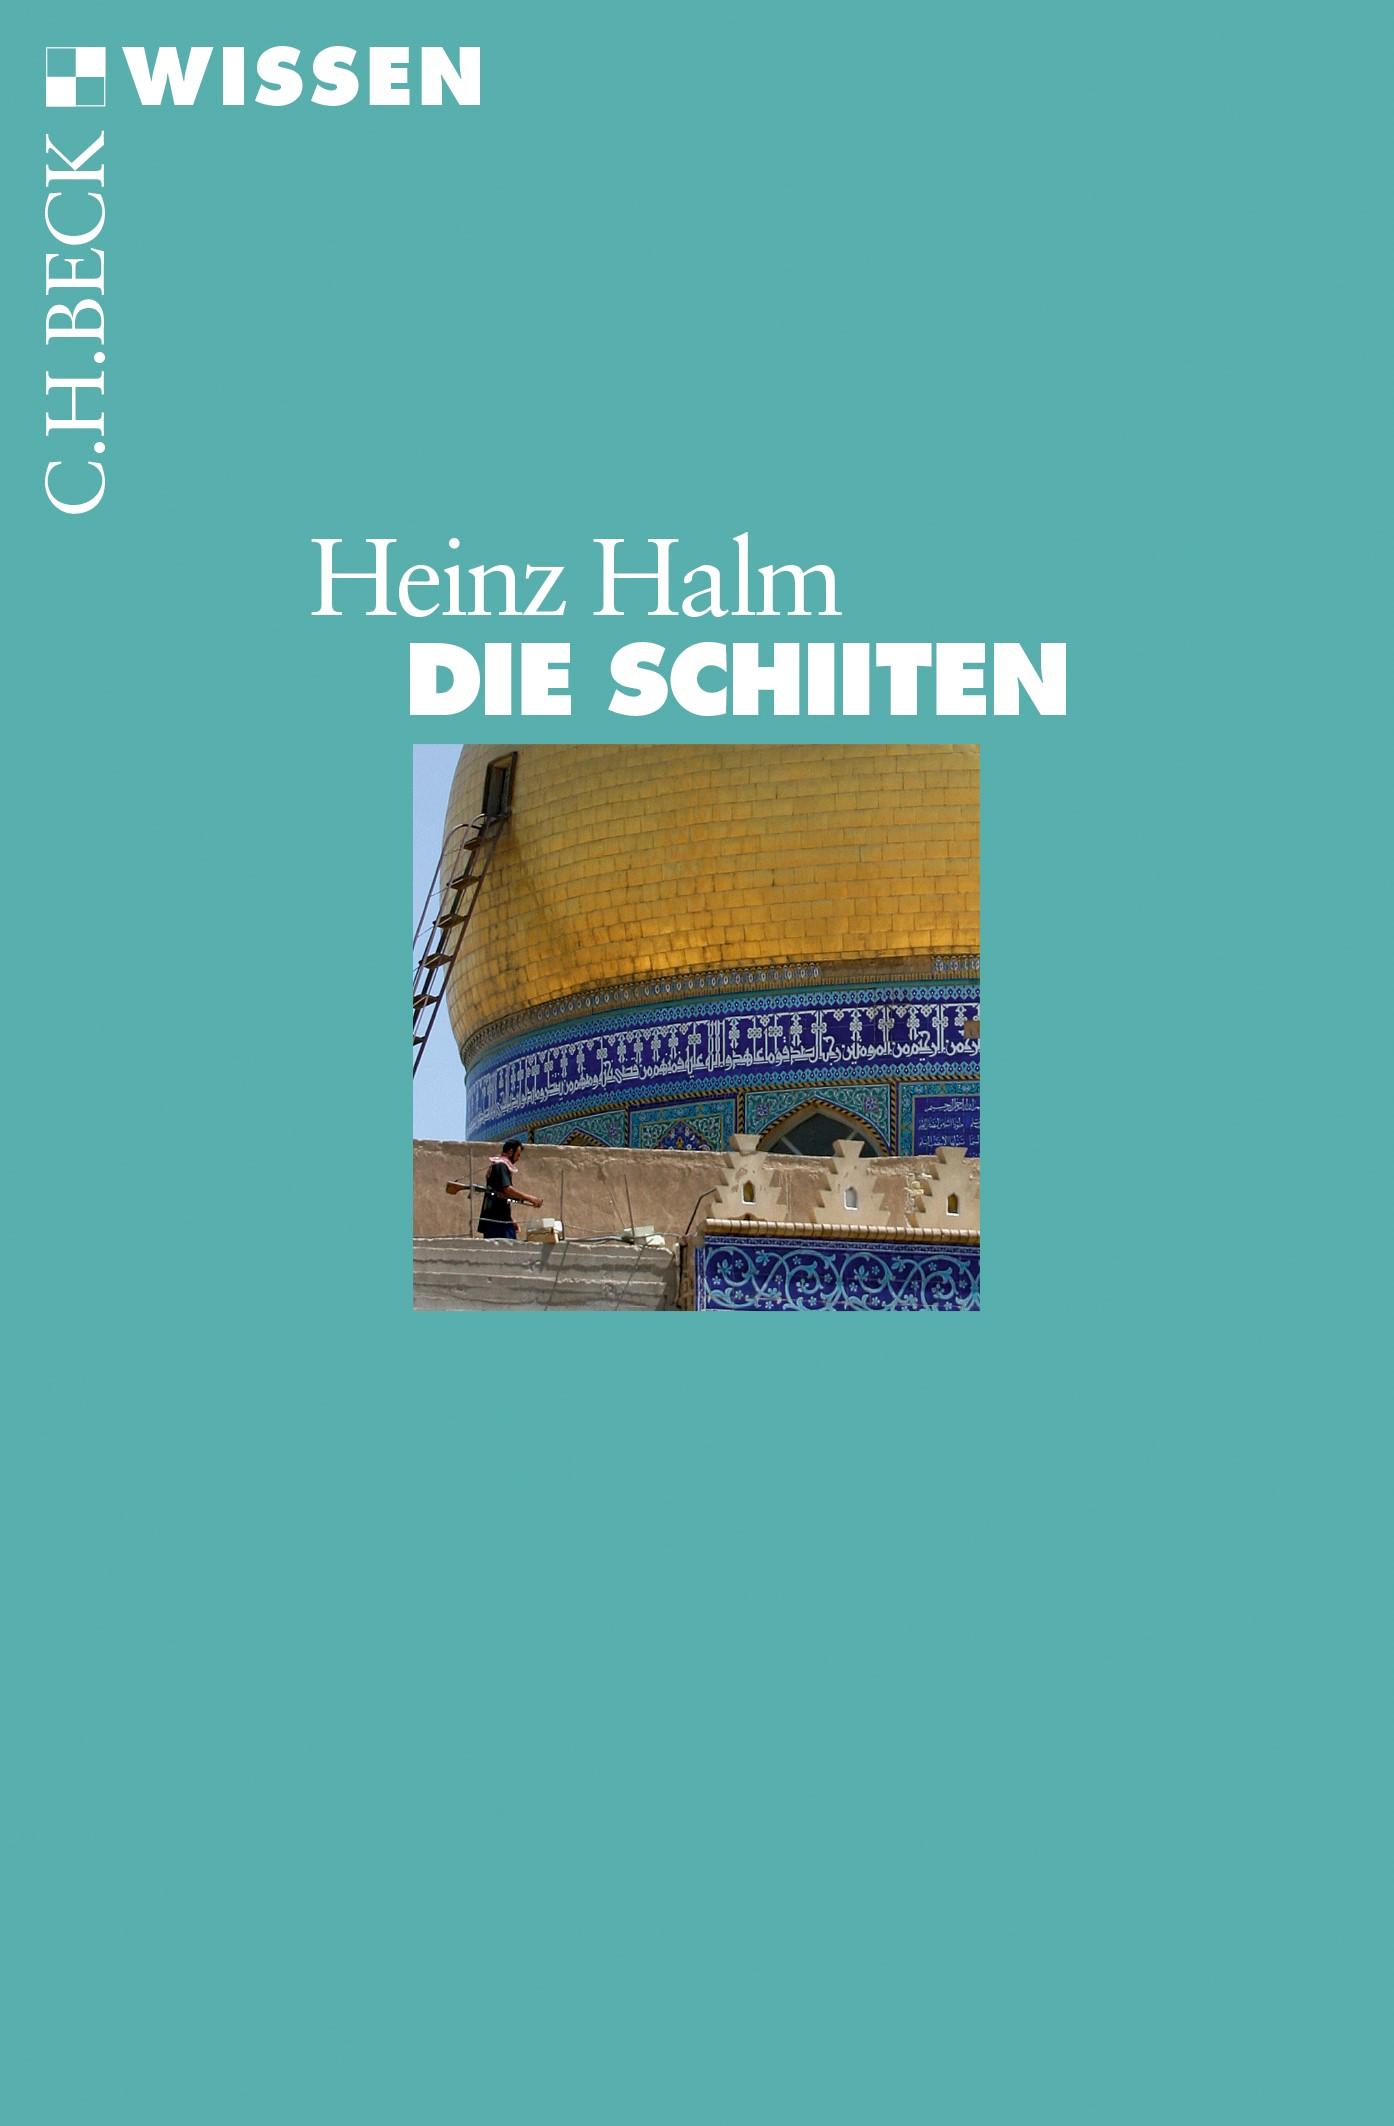 Die Schiiten | Halm, Heinz | 3., aktualisierte Auflage | Buch (Cover)